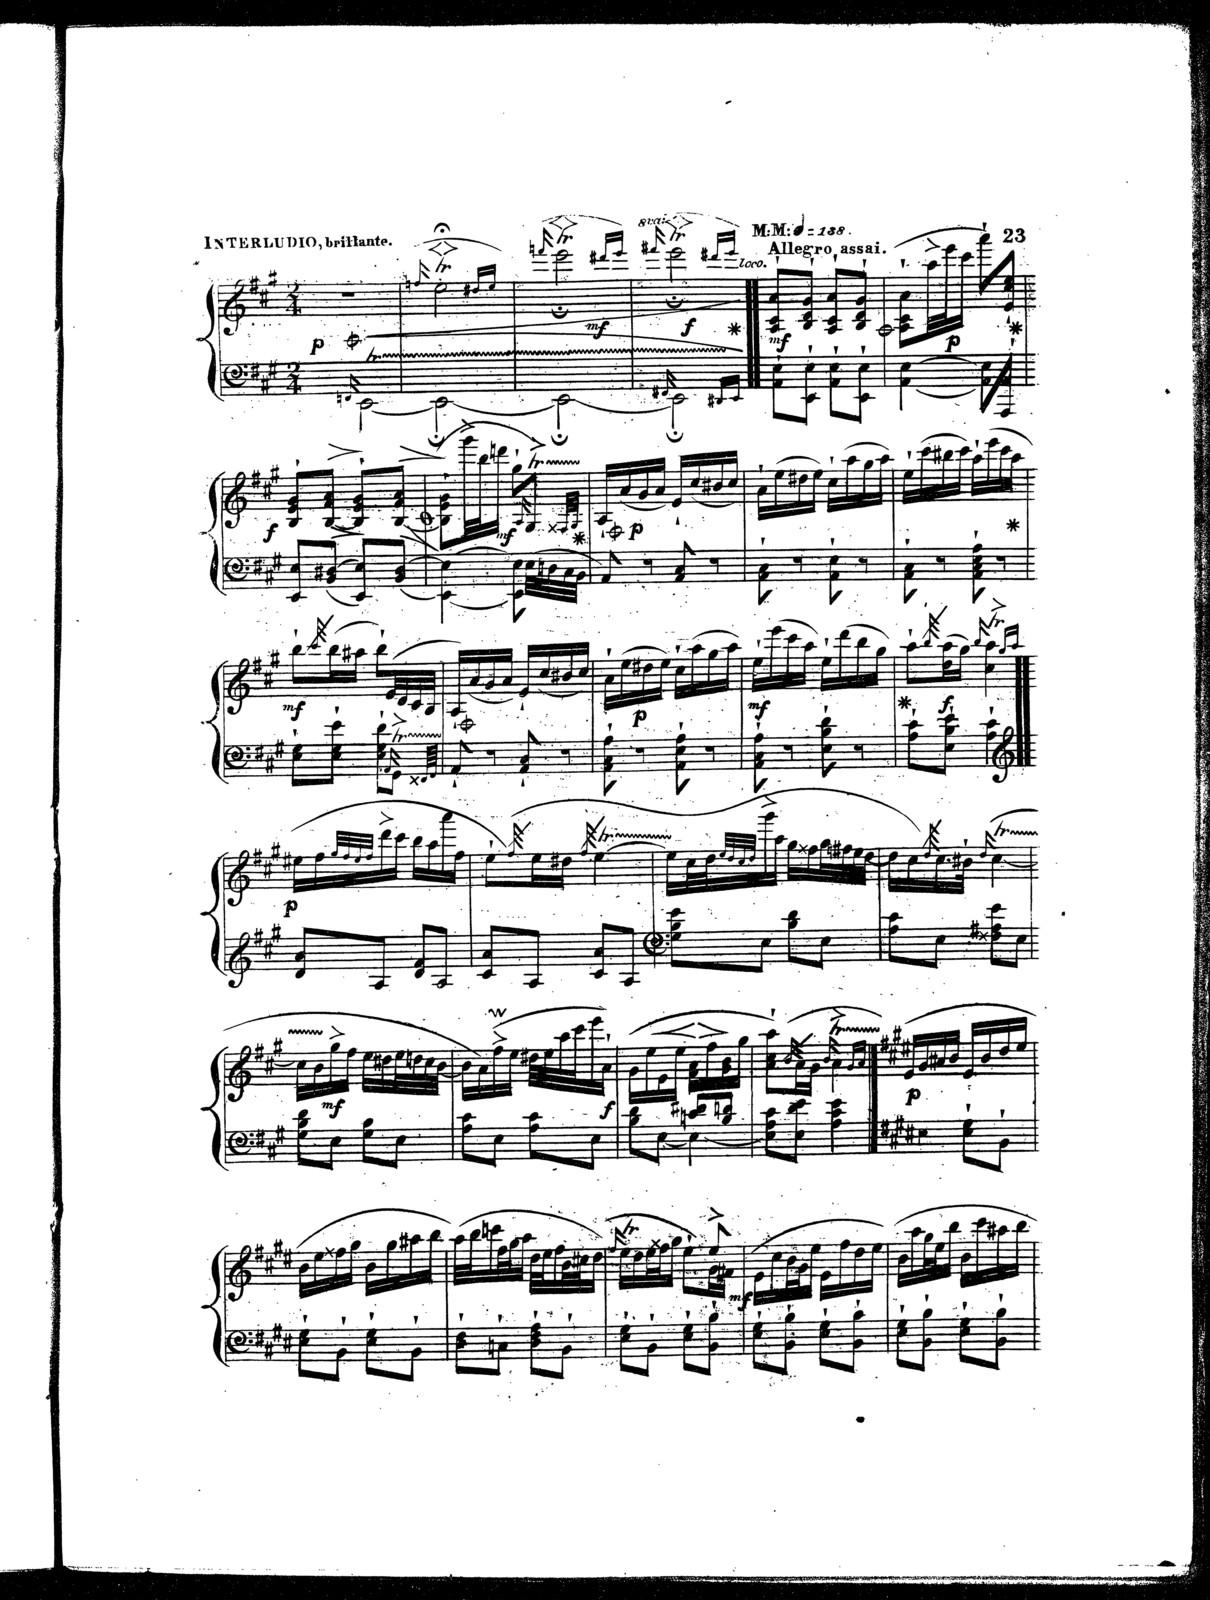 Der  Triller (La trillata di Bravura), no. 1